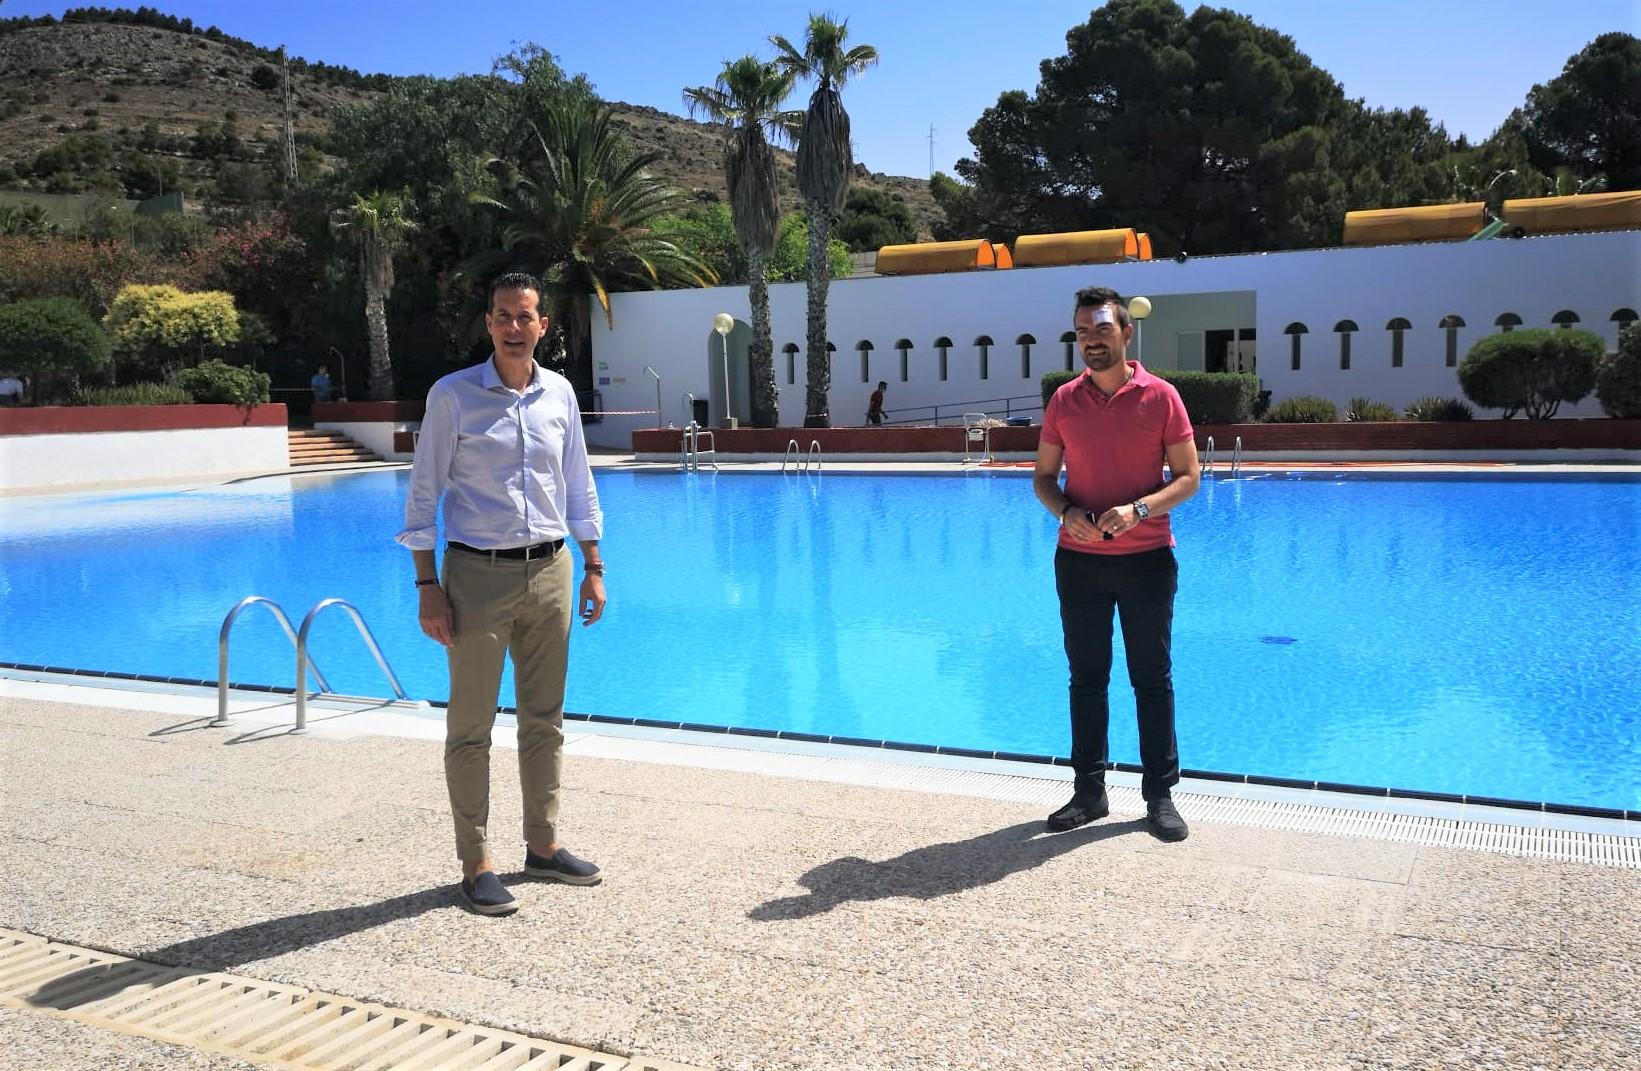 El Ayuntamiento de Elda abre mañana las piscinas de verano de San Crispín con medidas  de seguridad e higiene, aforo limitado a 130 personas y acceso con cita previa